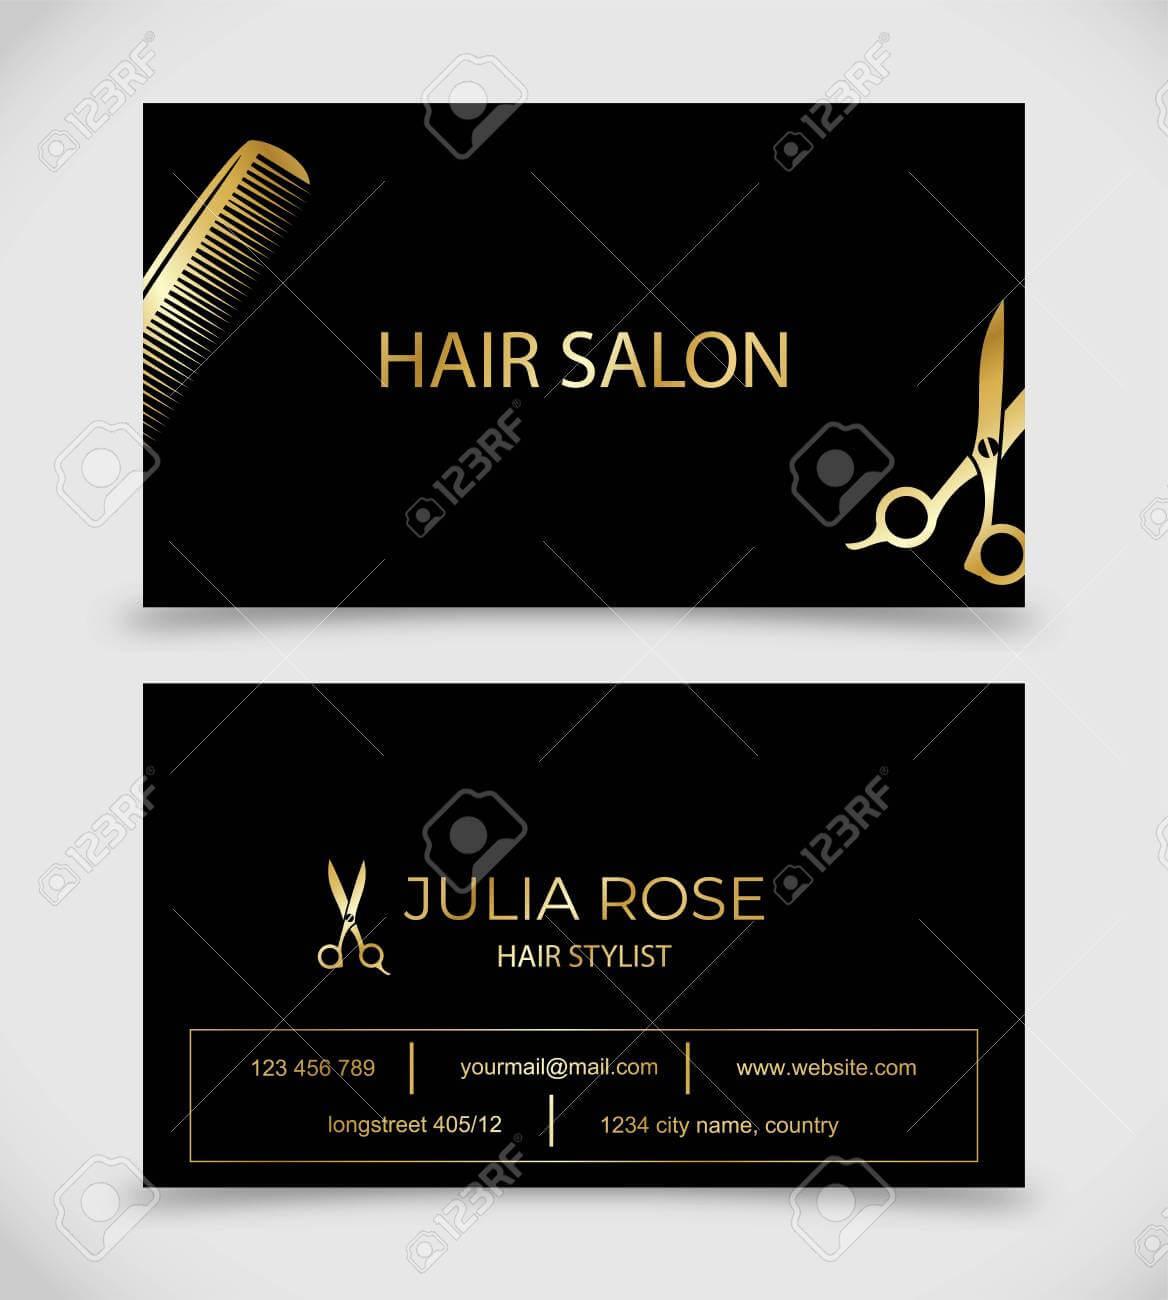 Hair Salon, Hair Stylist Business Card Vector Template with Hair Salon Business Card Template